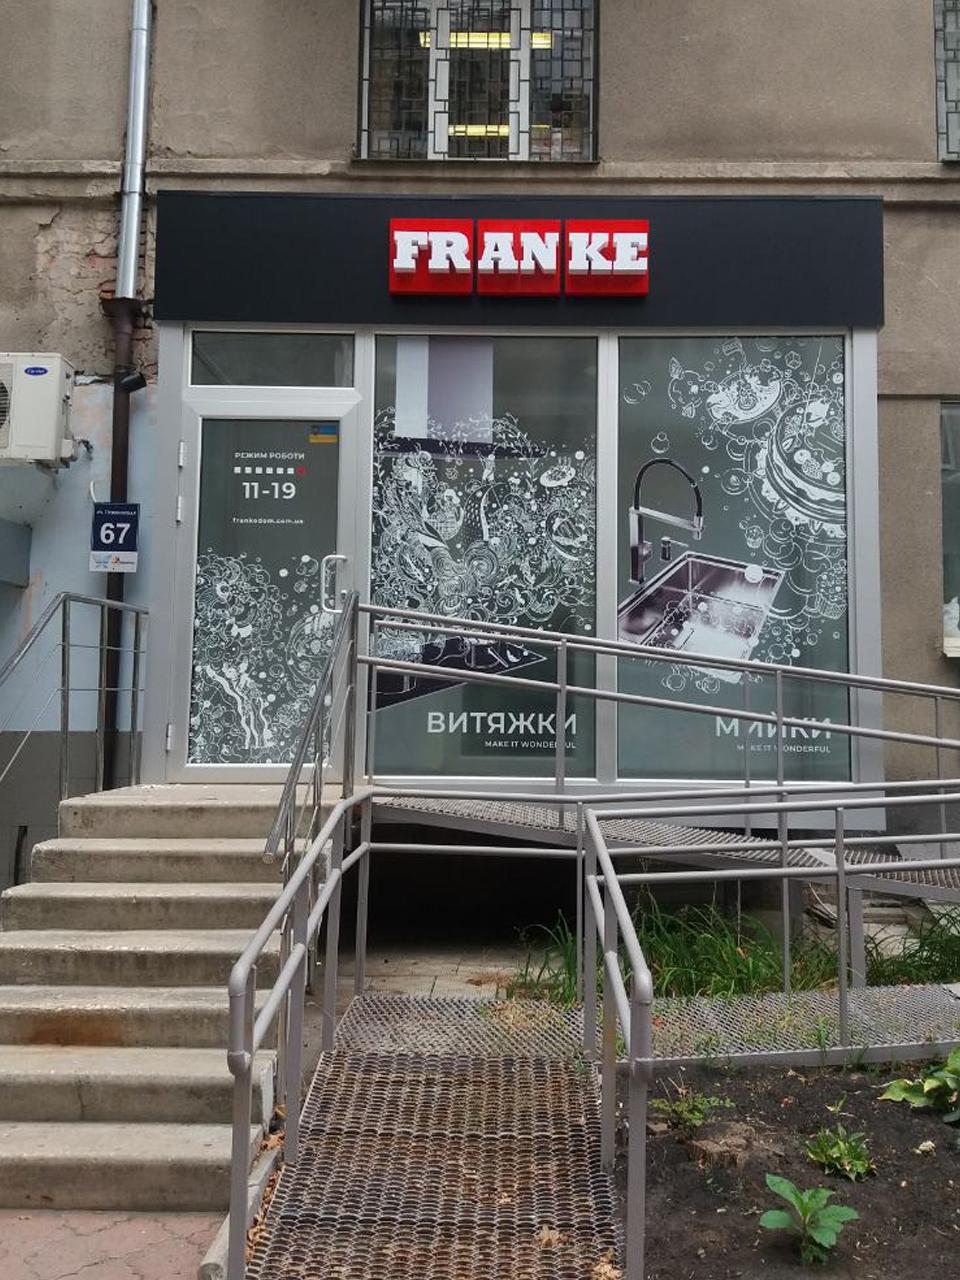 franke-2